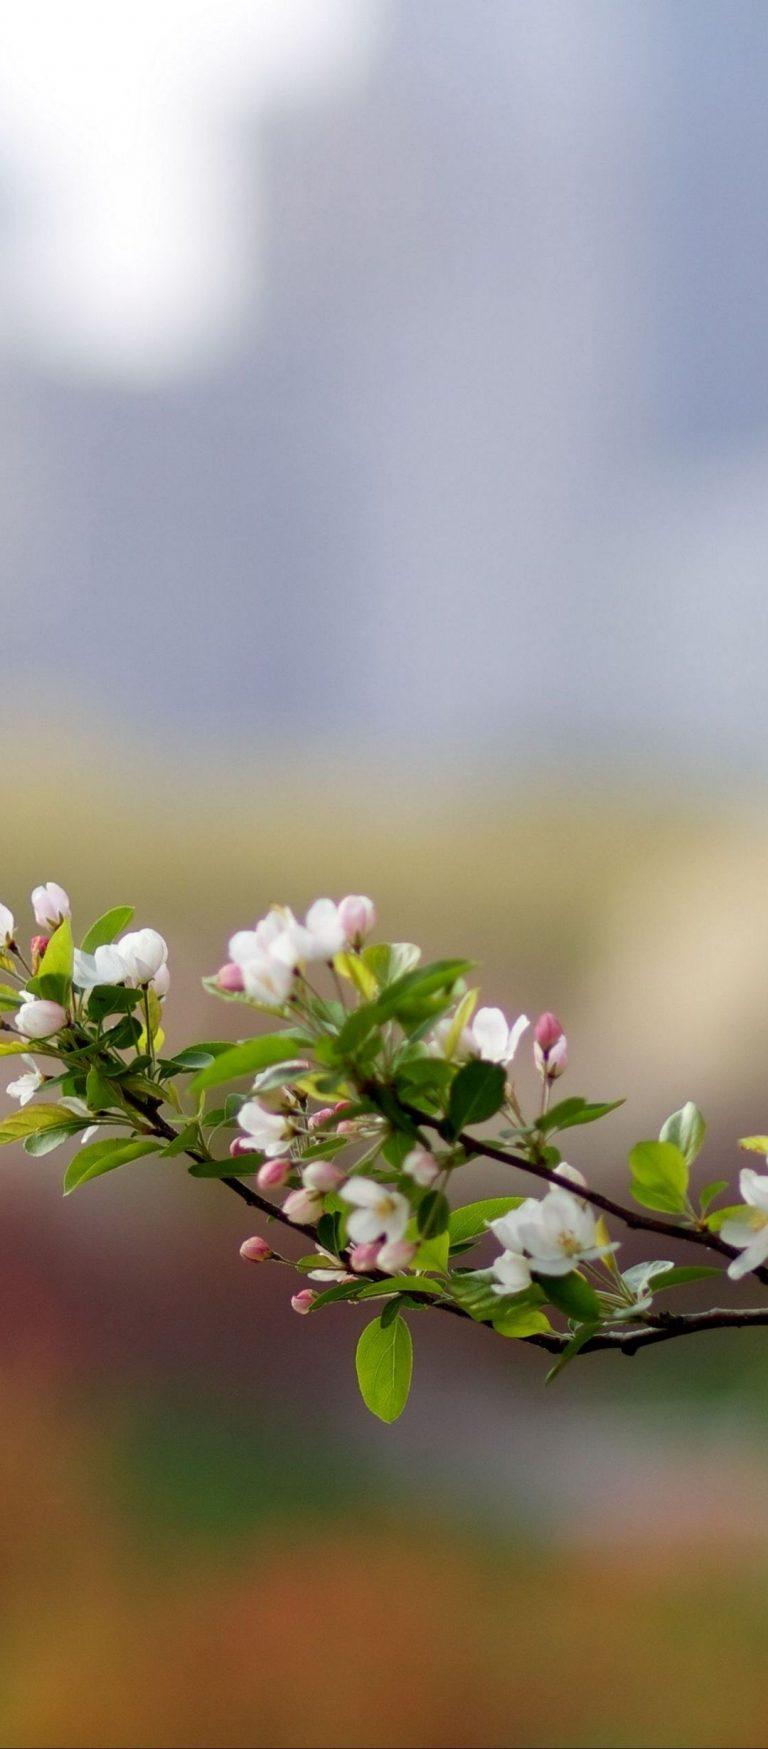 Branch Plant Bloom Spring 1080x2460 768x1749